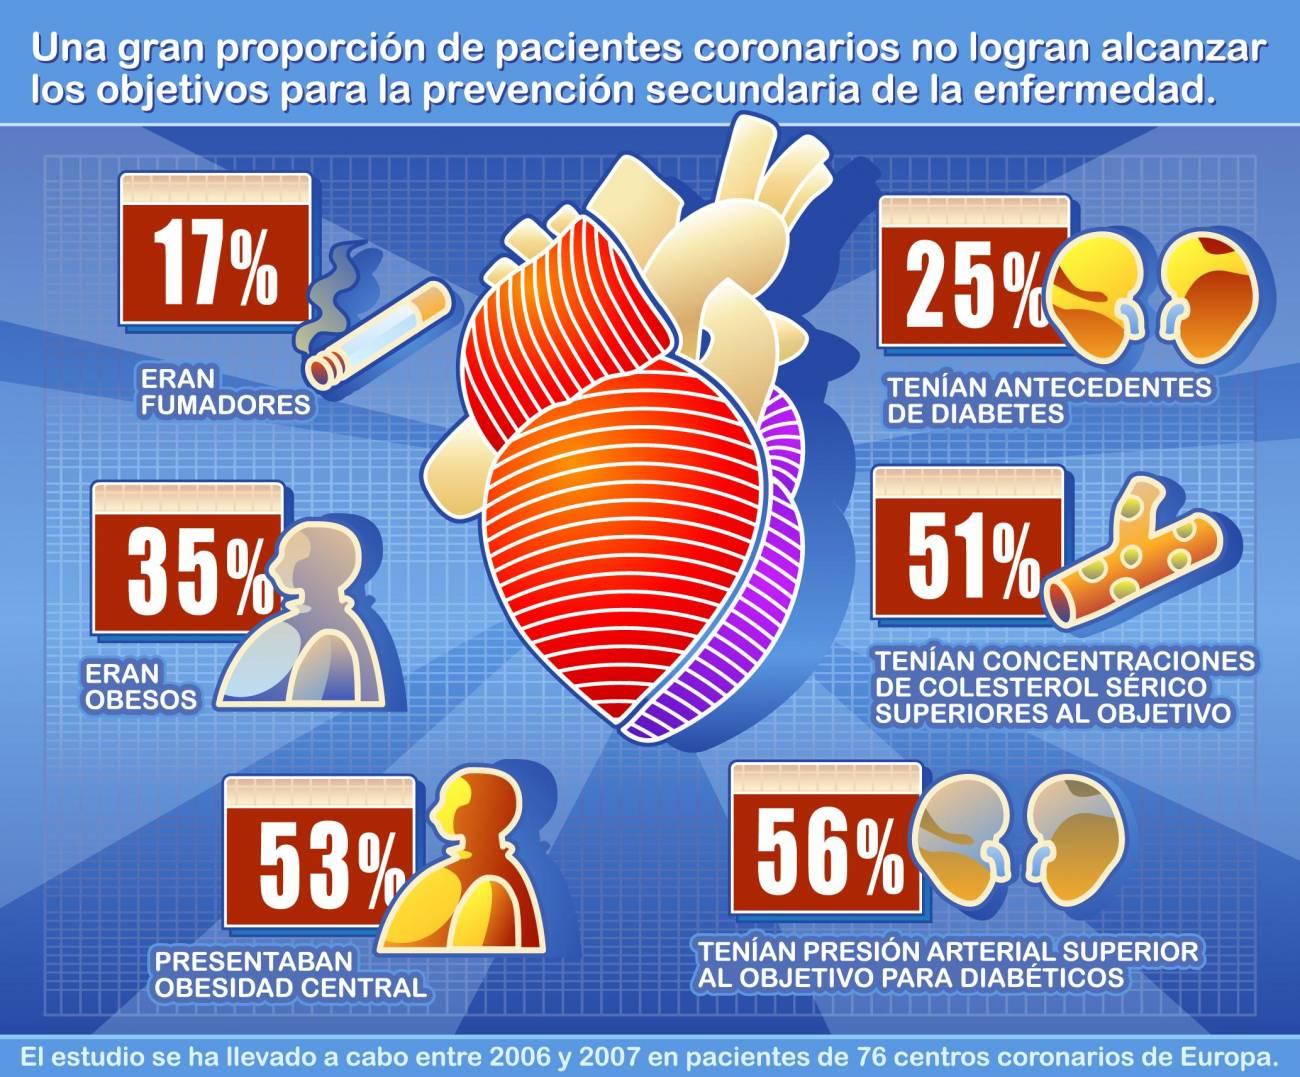 El tratamiento de los pacientes coronarios en Europa no cumple los protocolos internacionales